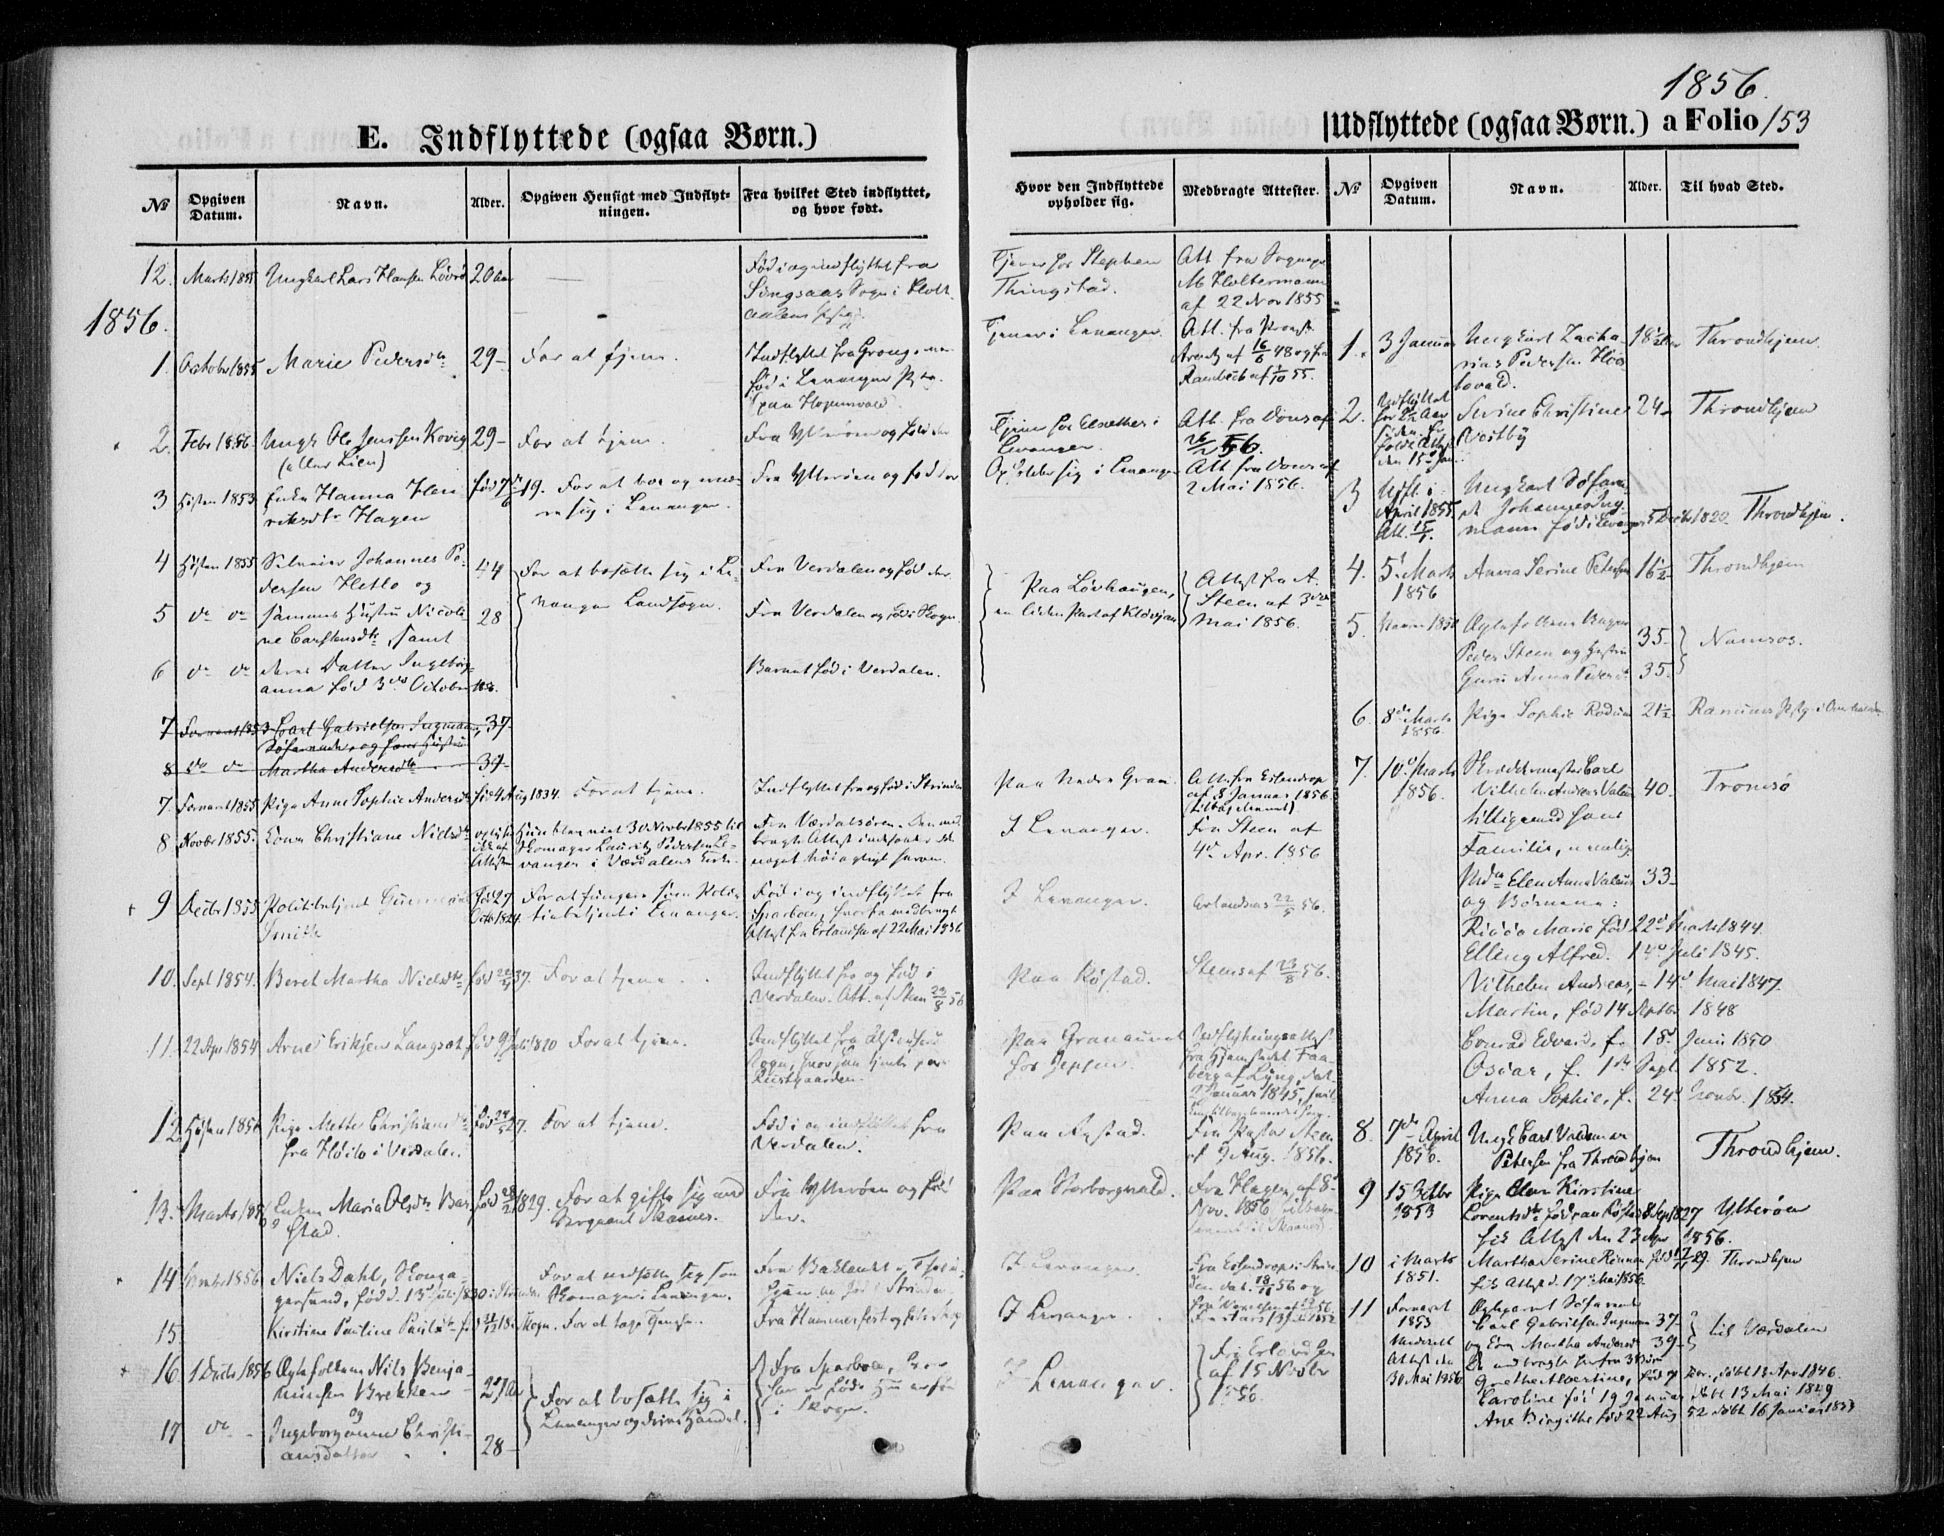 SAT, Ministerialprotokoller, klokkerbøker og fødselsregistre - Nord-Trøndelag, 720/L0184: Ministerialbok nr. 720A02 /1, 1855-1863, s. 153